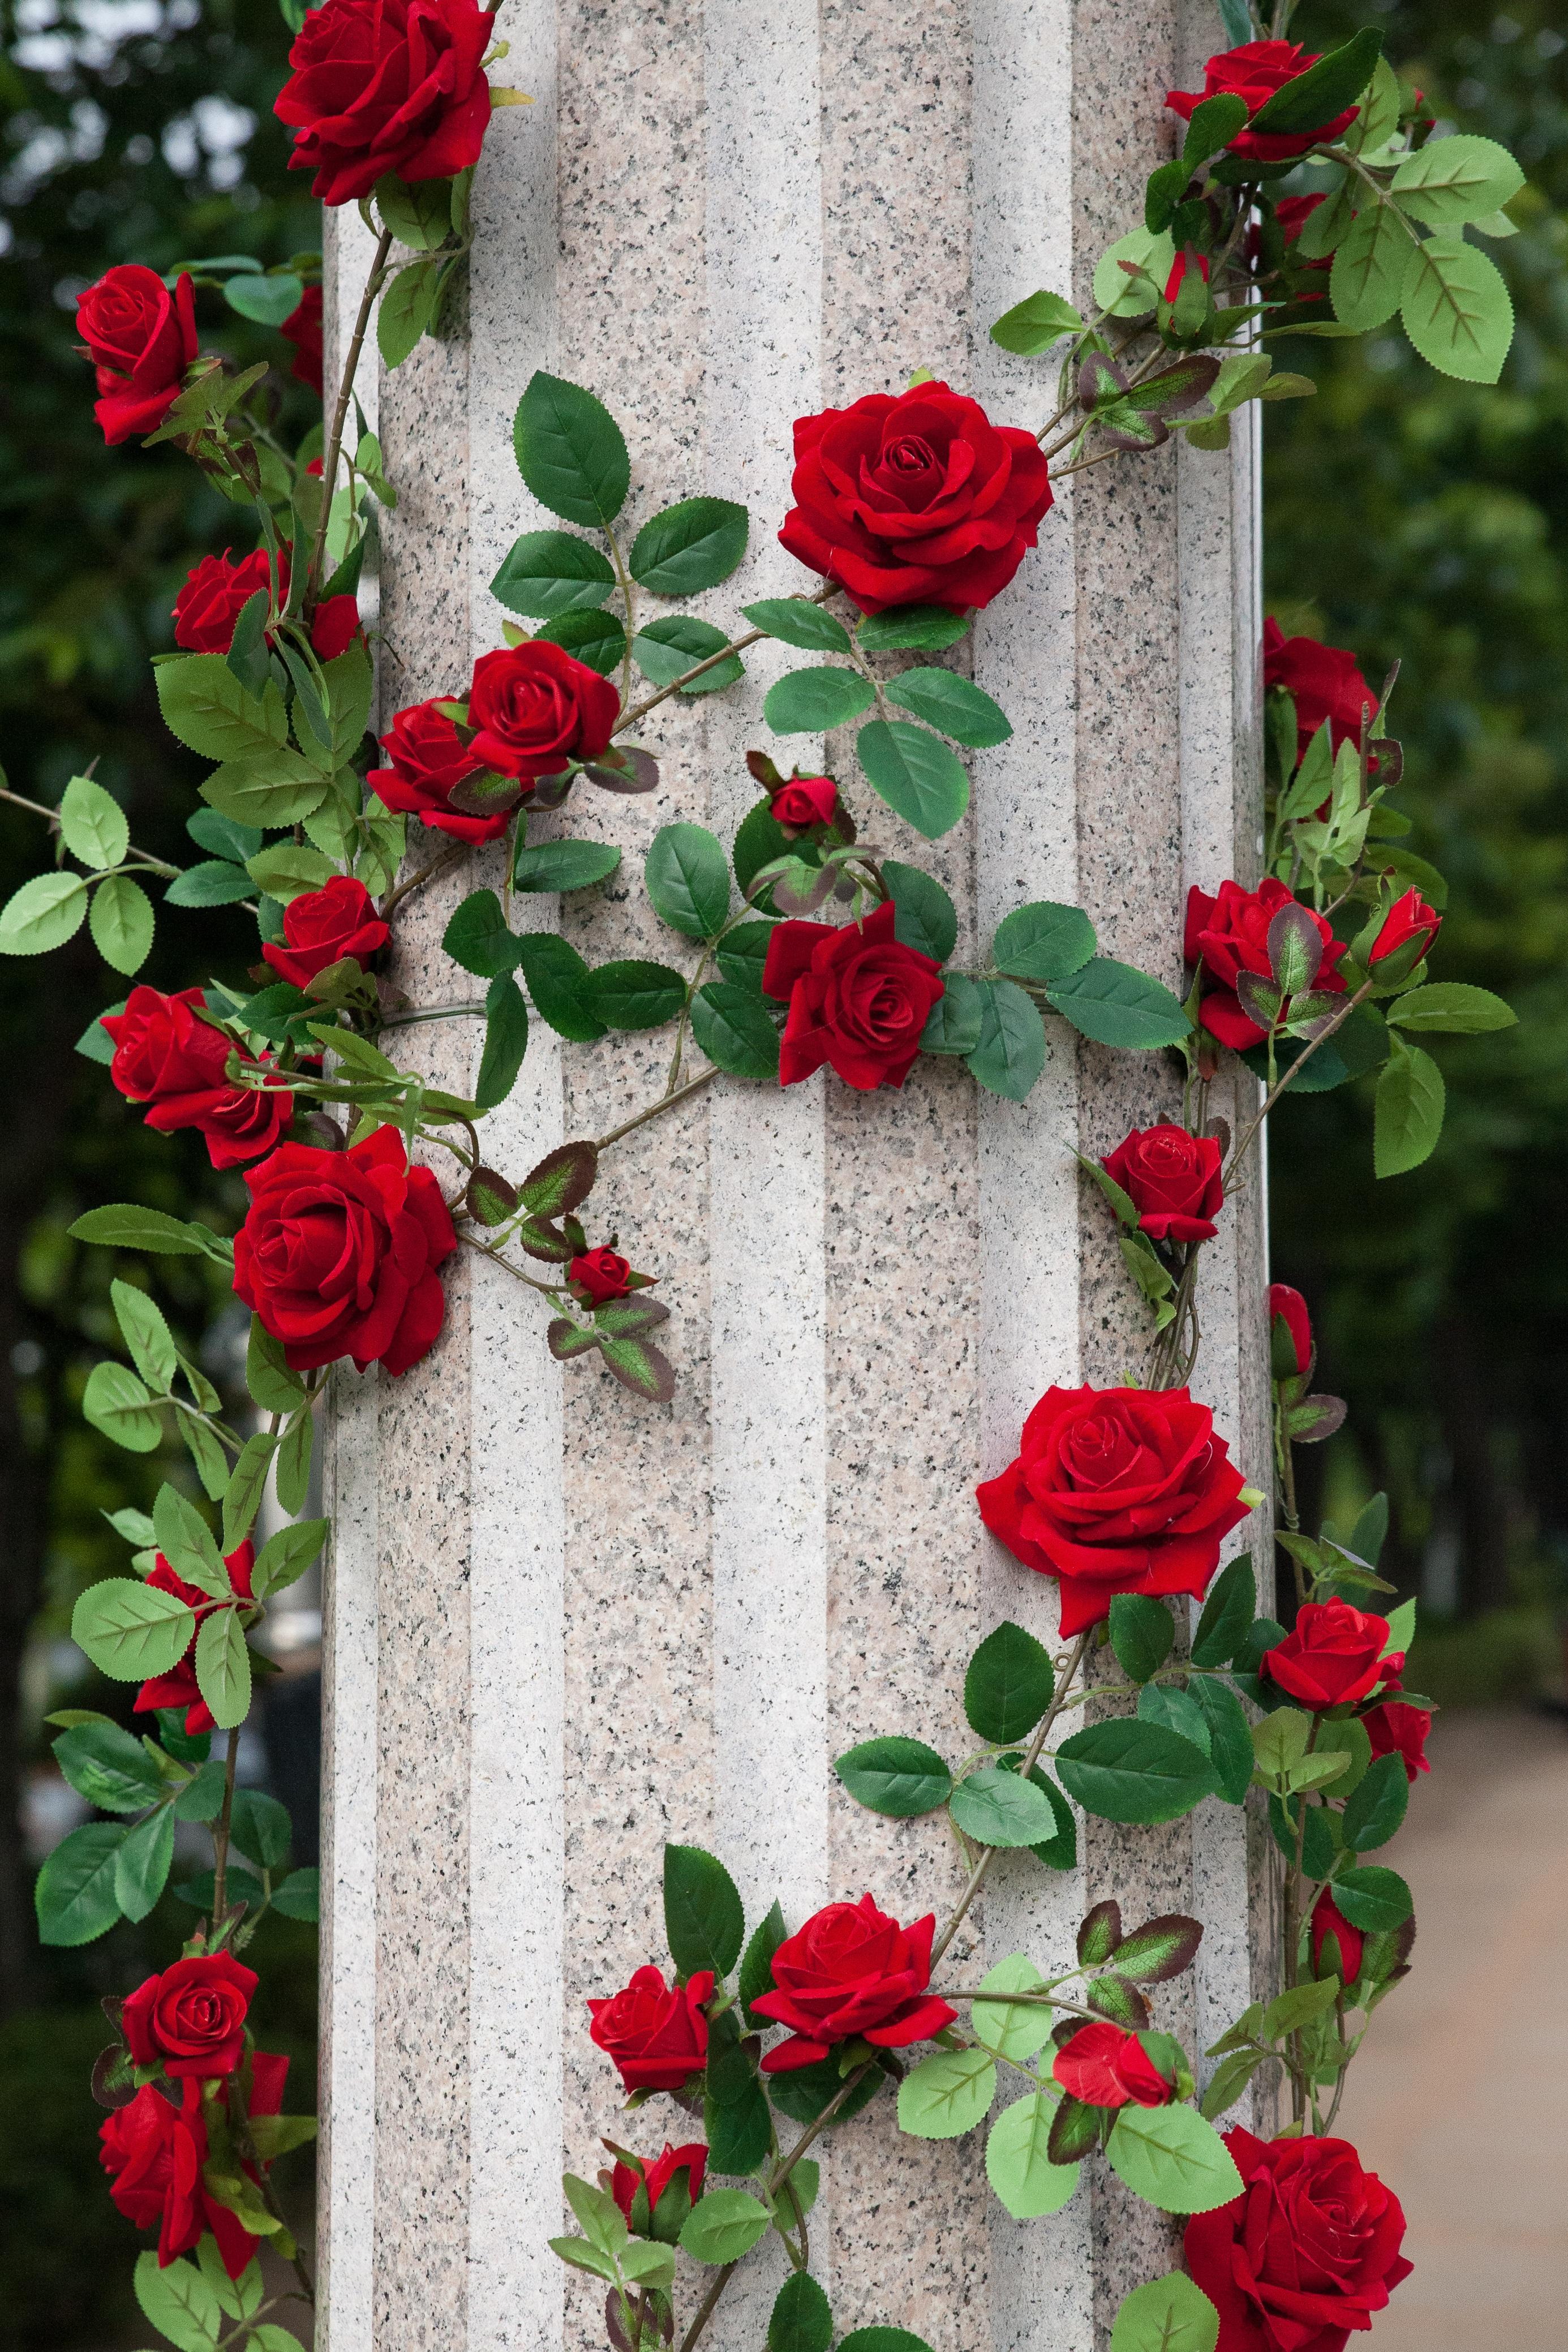 103658 скачать обои Розы, Оформление, Цветы, Сад, Колонна, Декорирование - заставки и картинки бесплатно